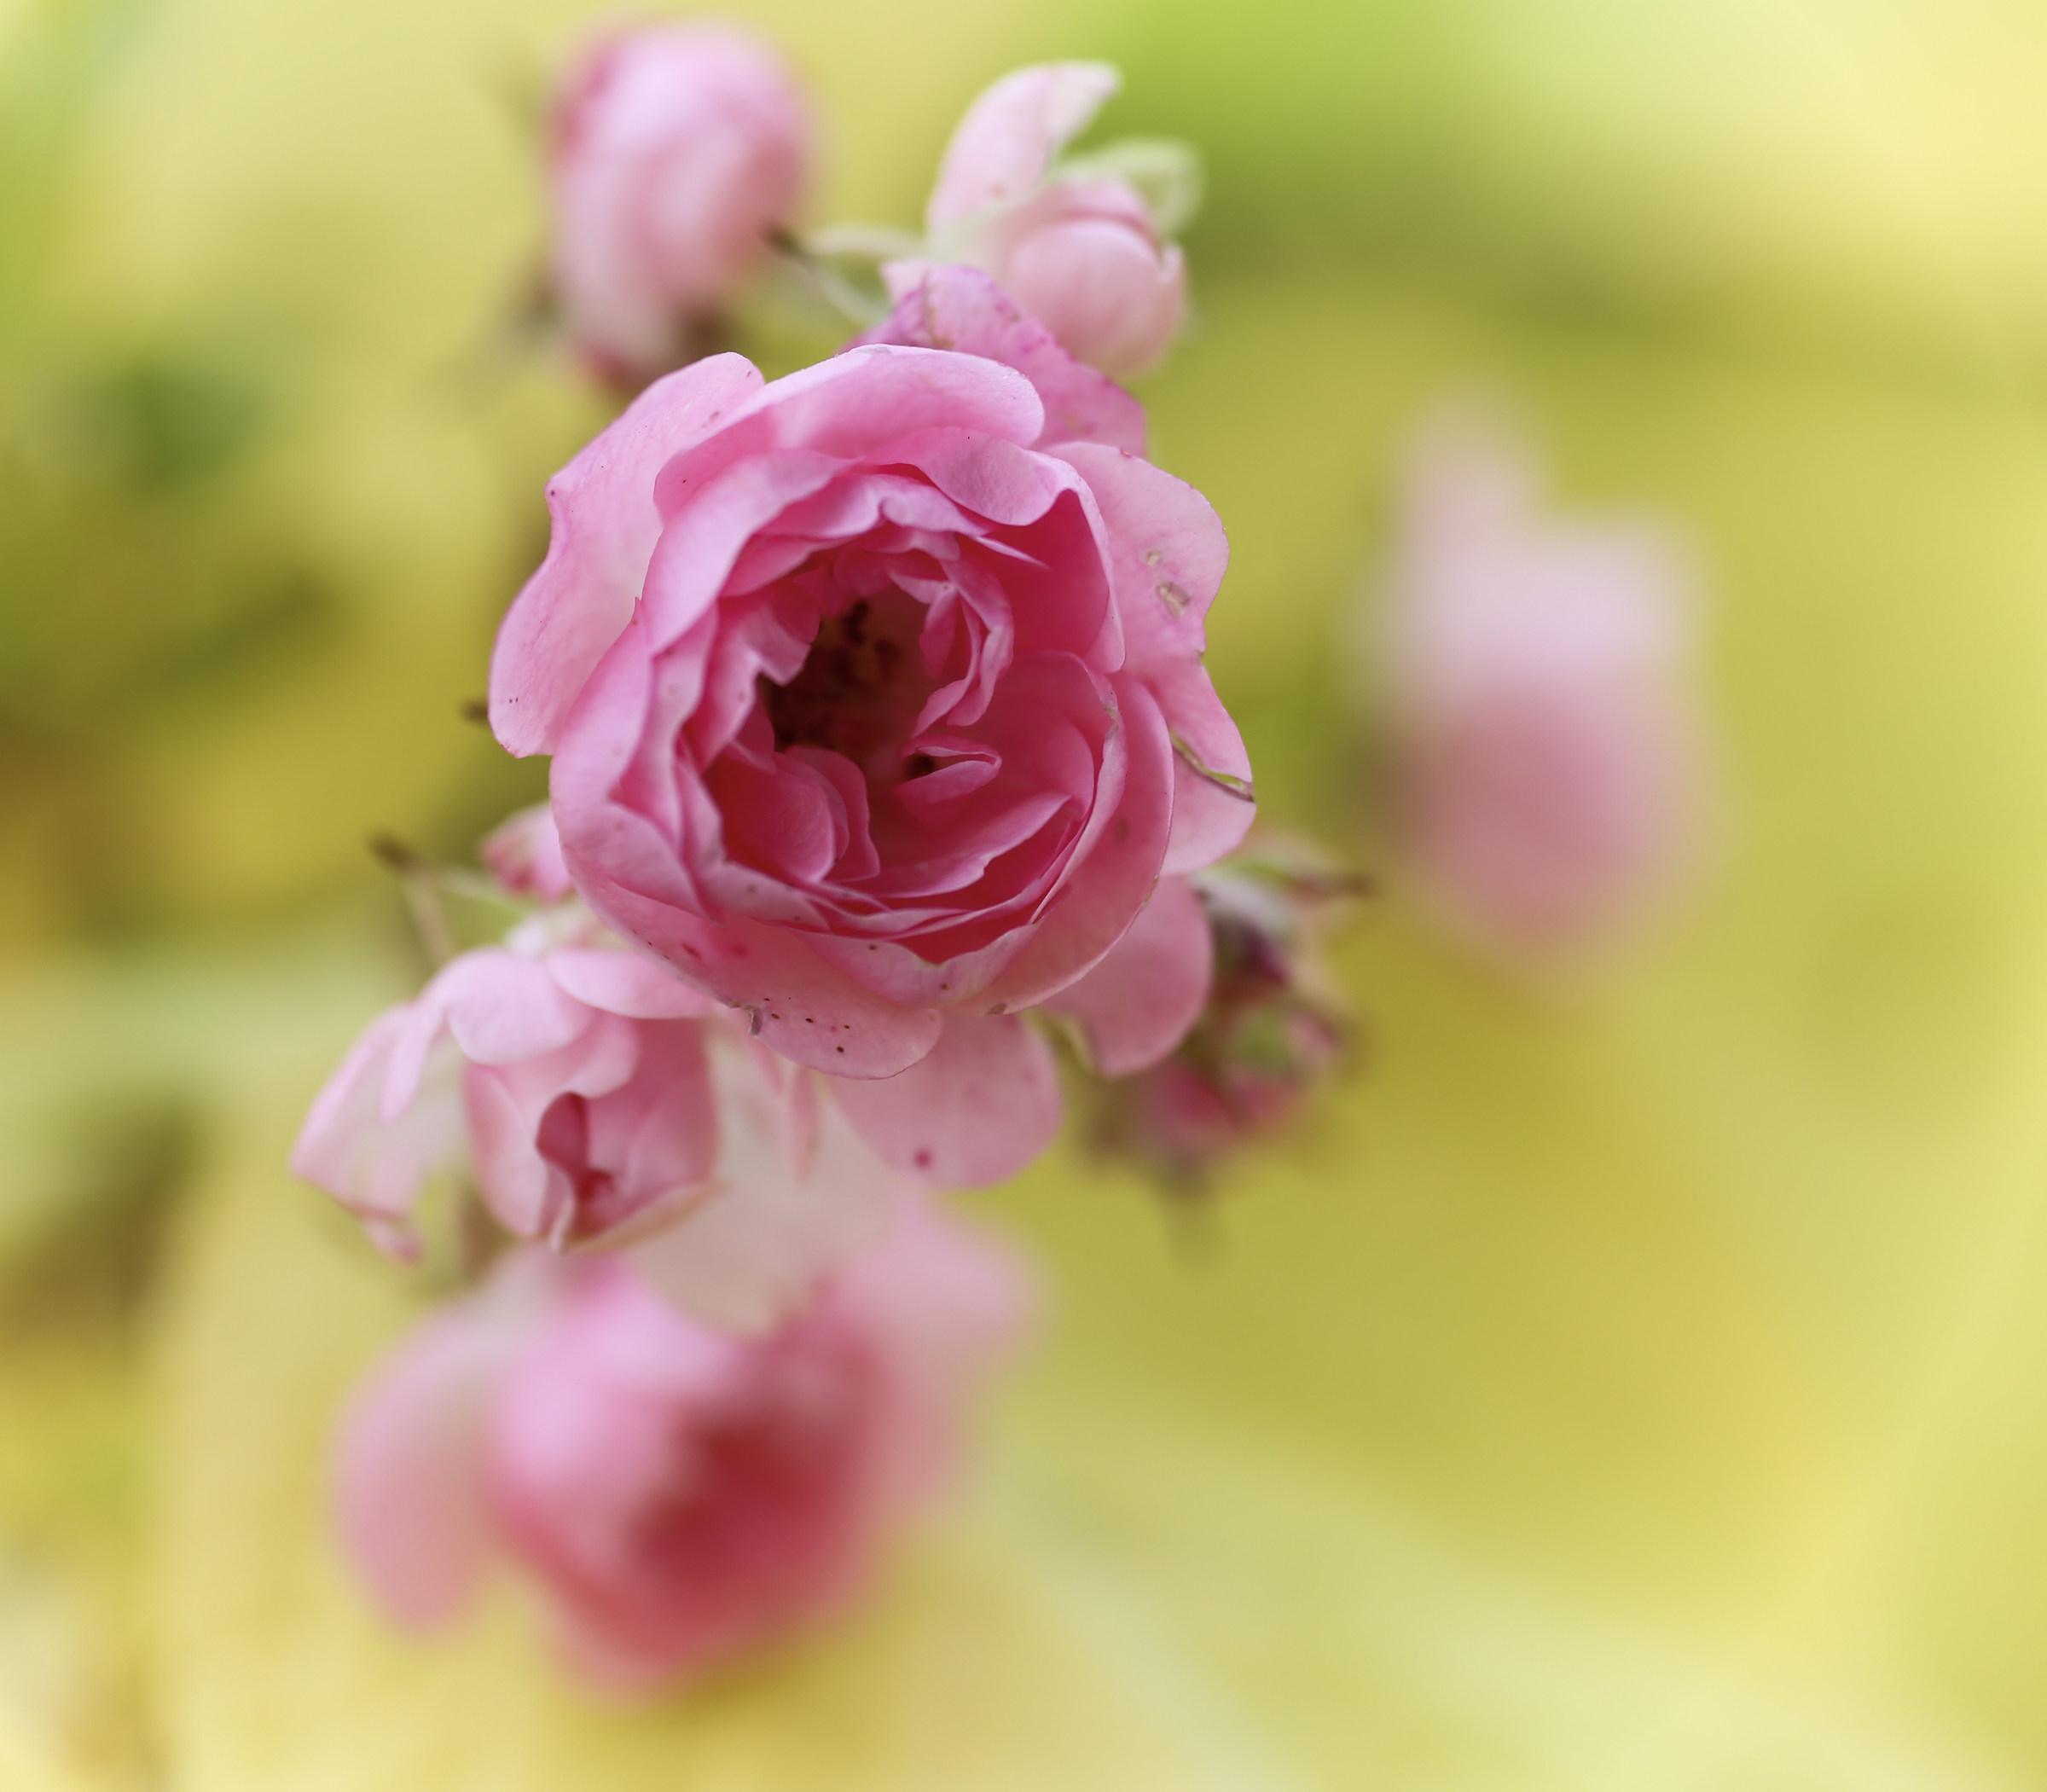 The last roselline...